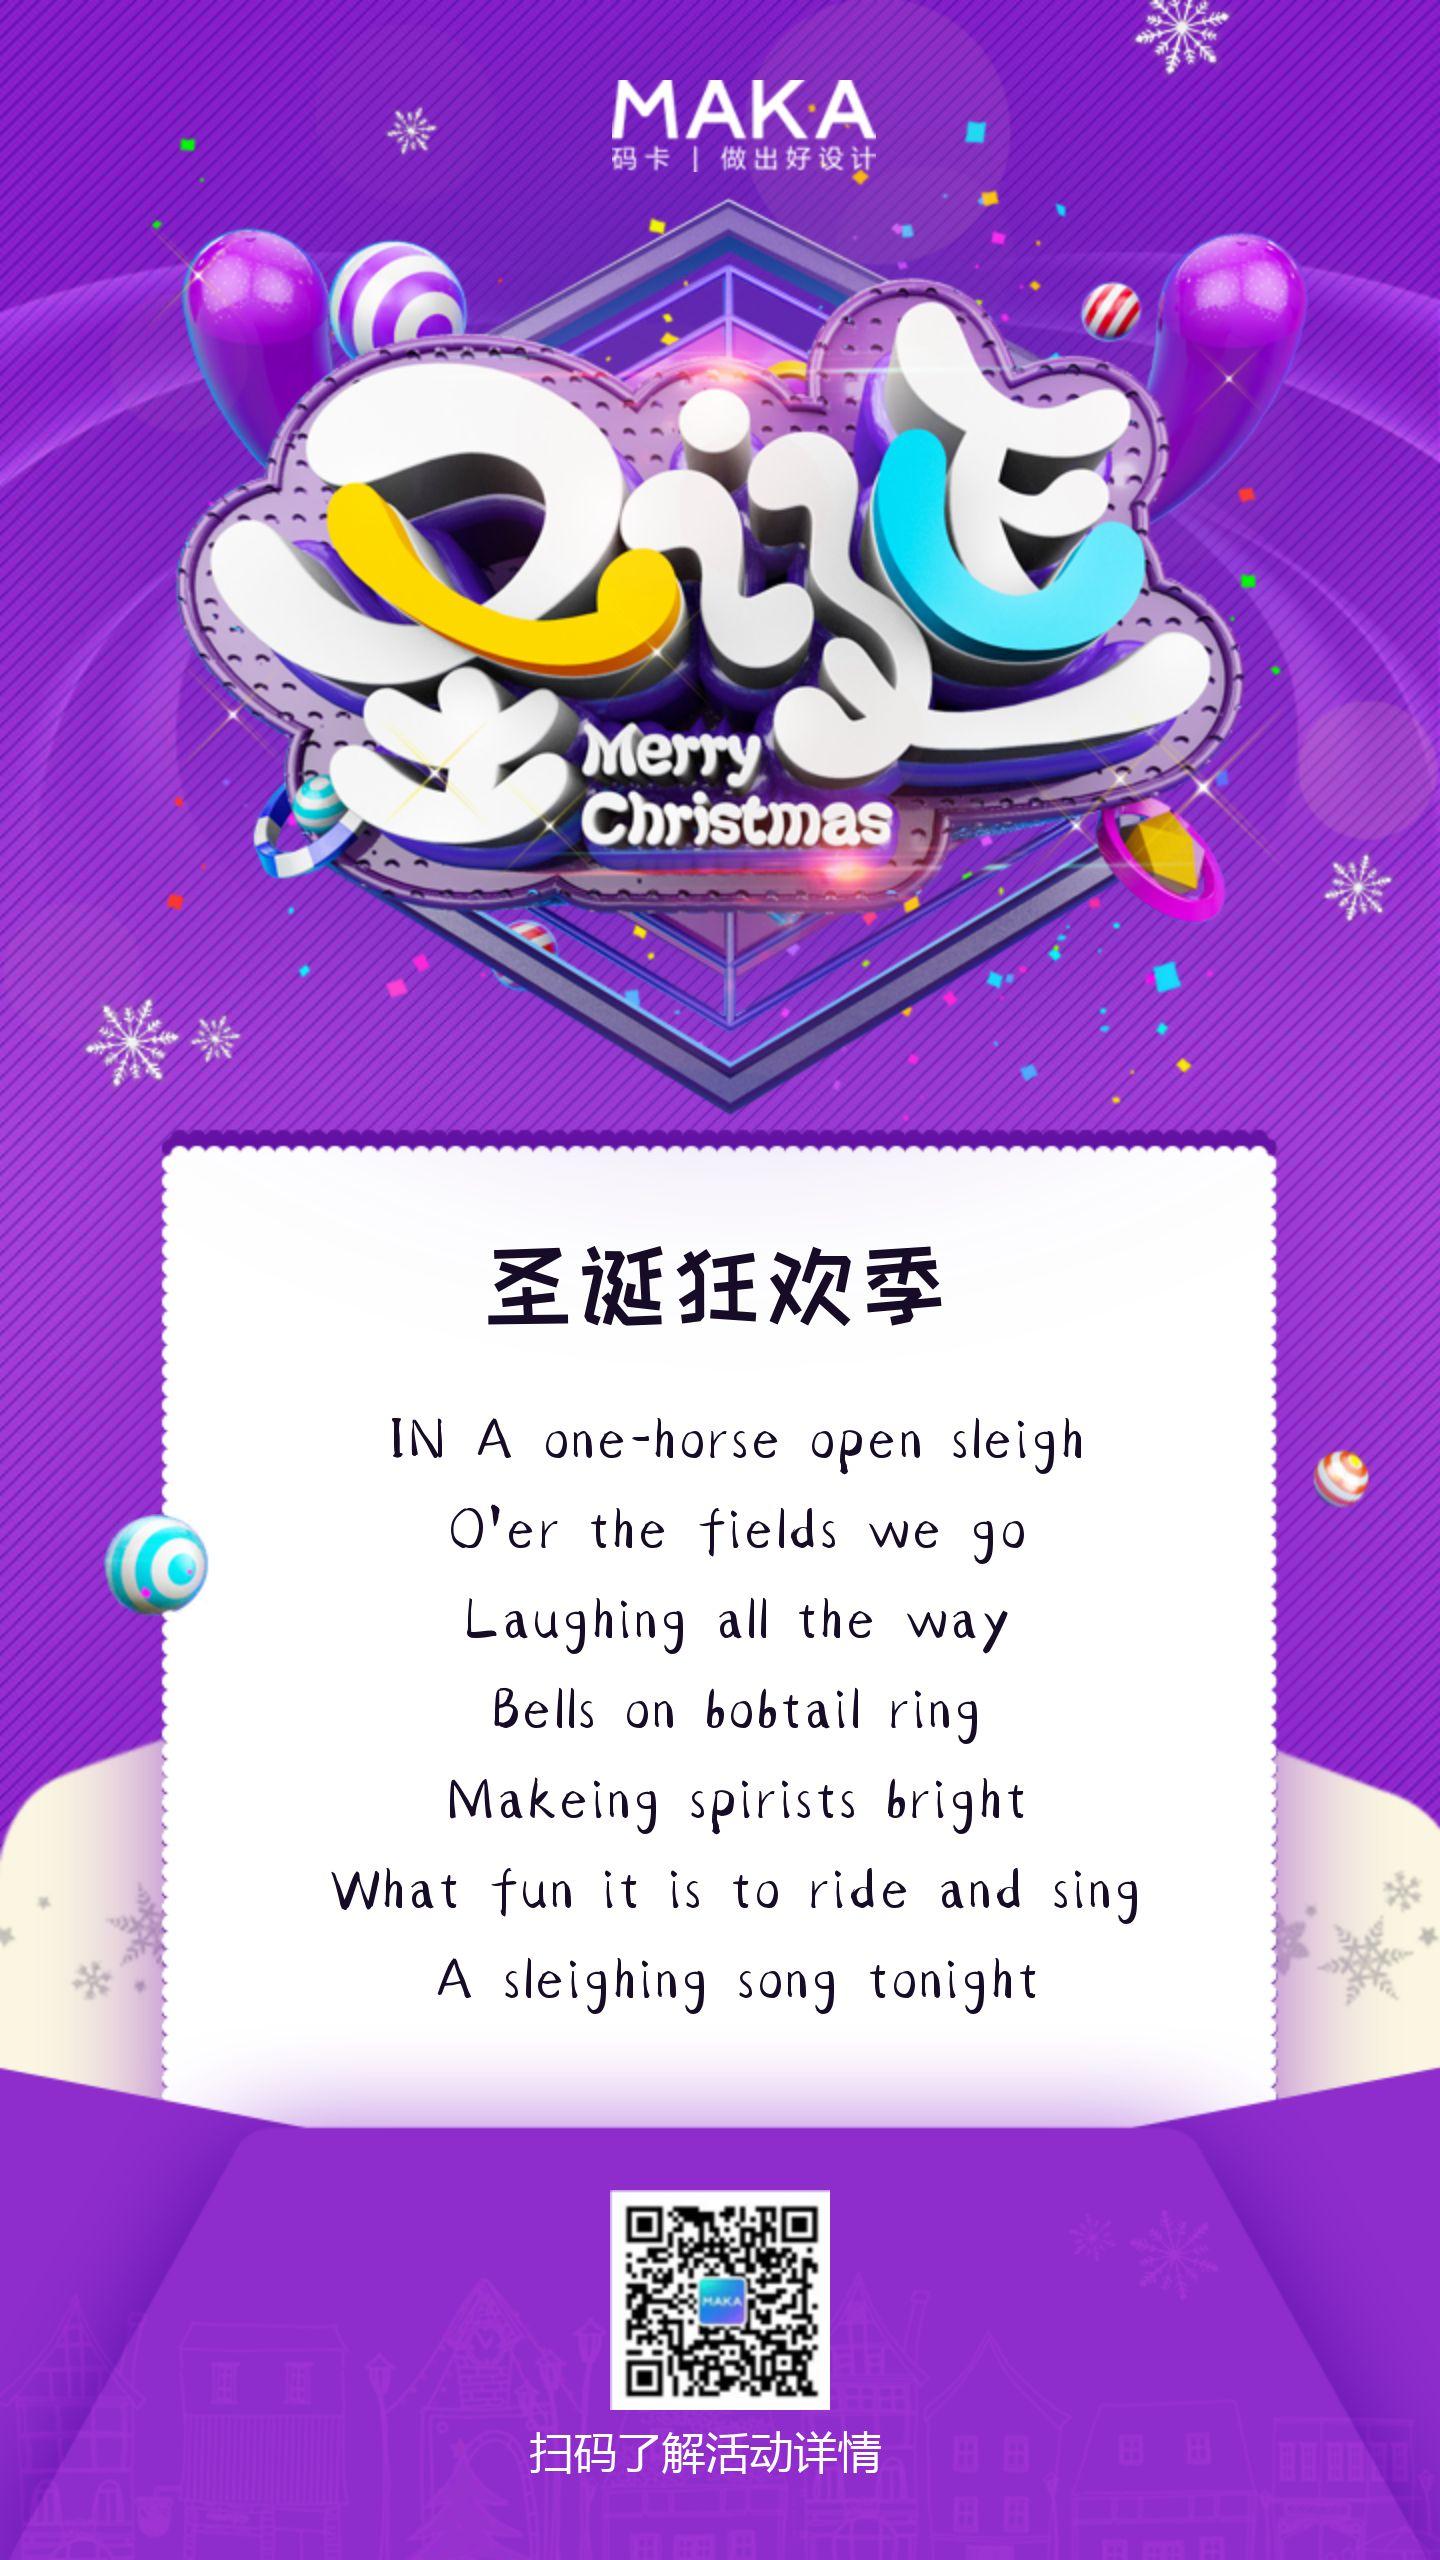 紫色圣诞促销创意时尚酷炫手机宣传海报